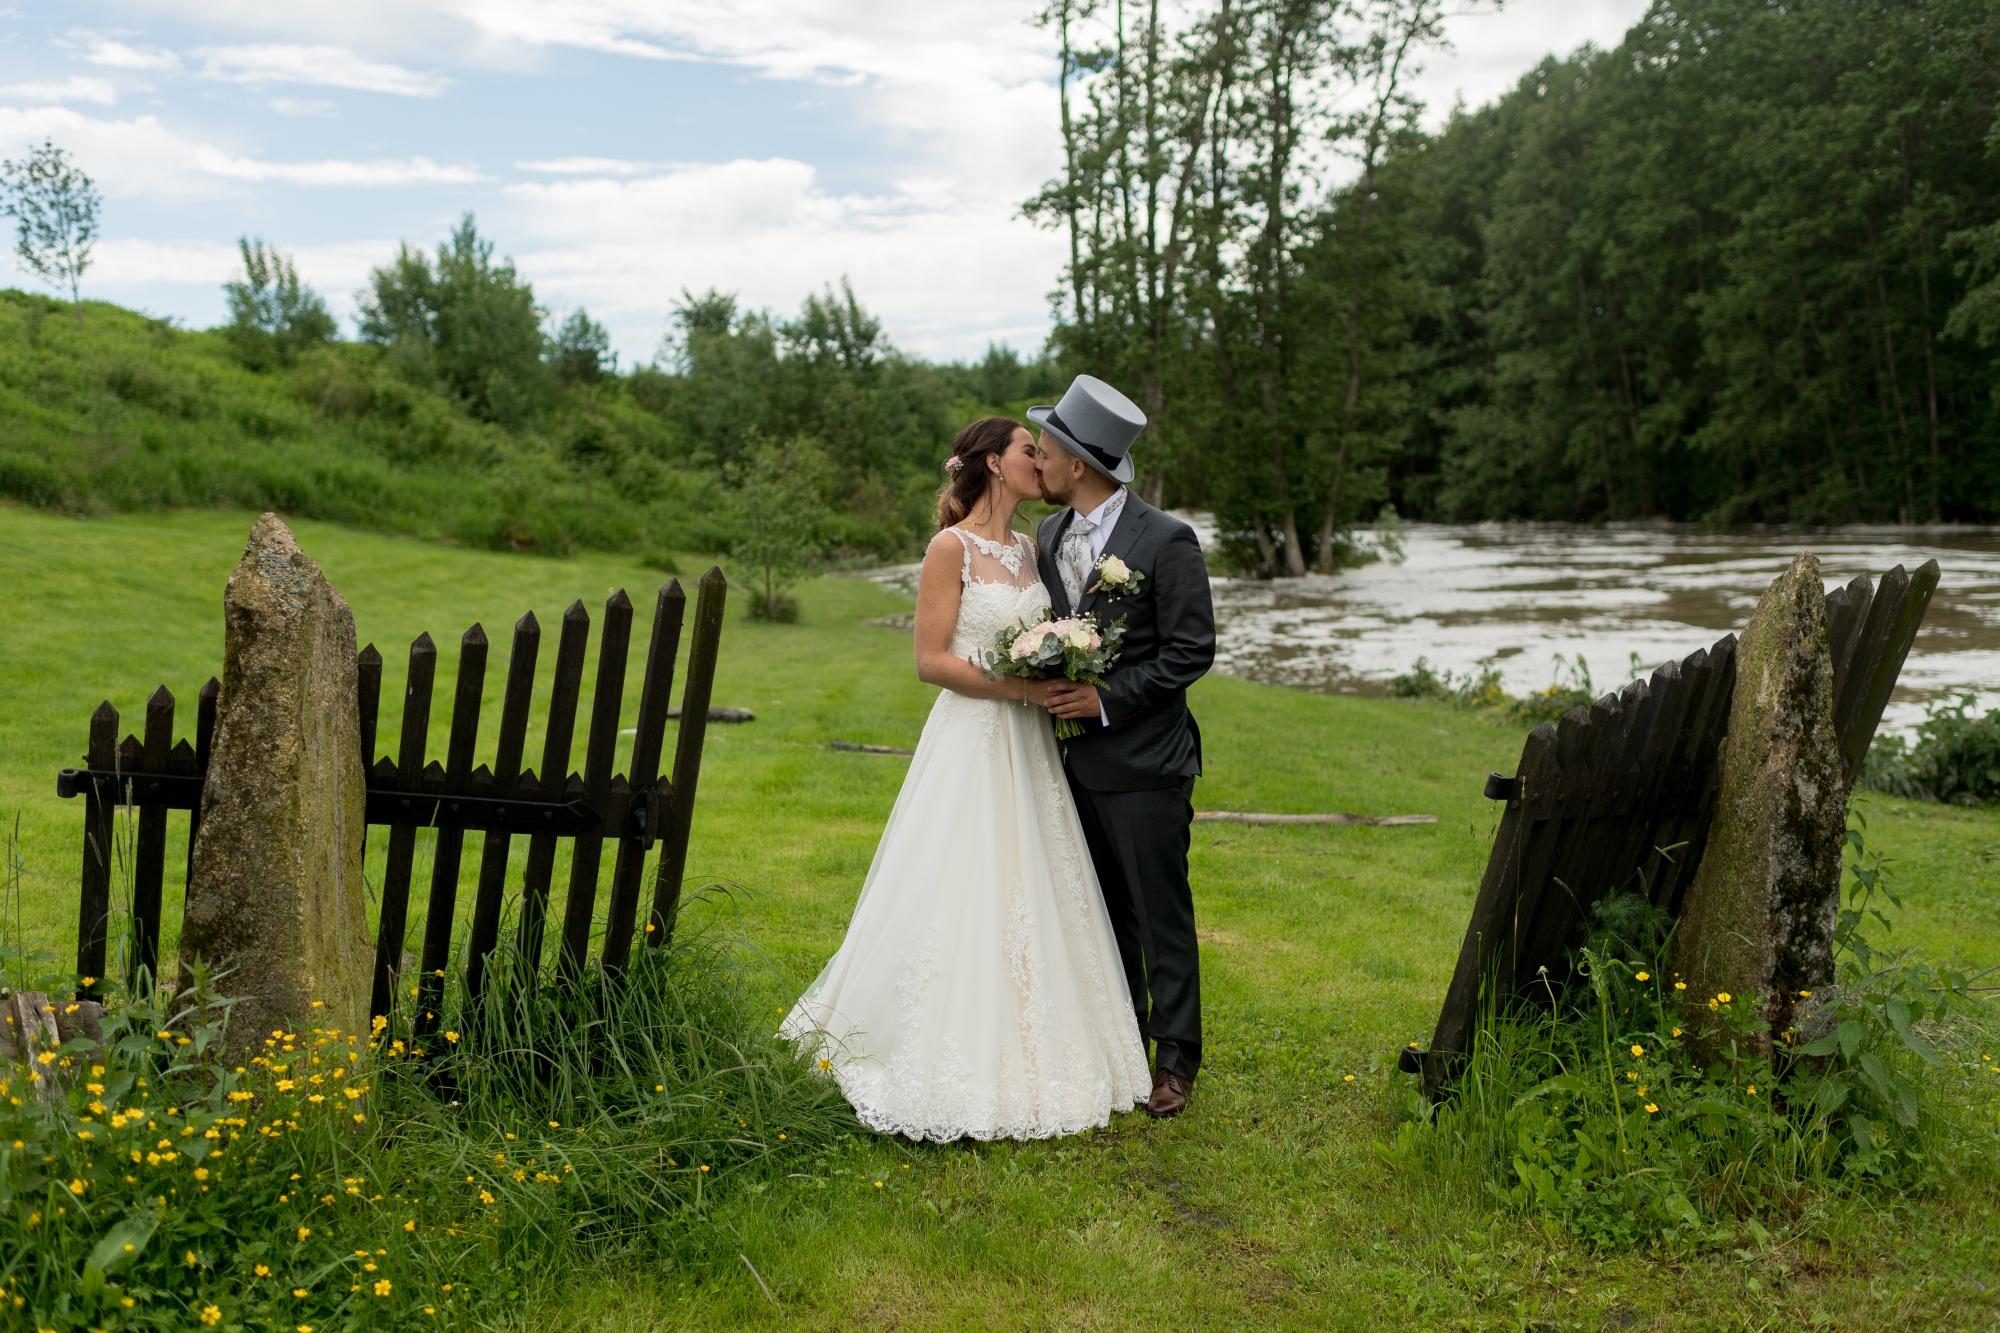 5fb0c48f80ac Speiltvillingene – Bryllup - kjærlighet og detaljer